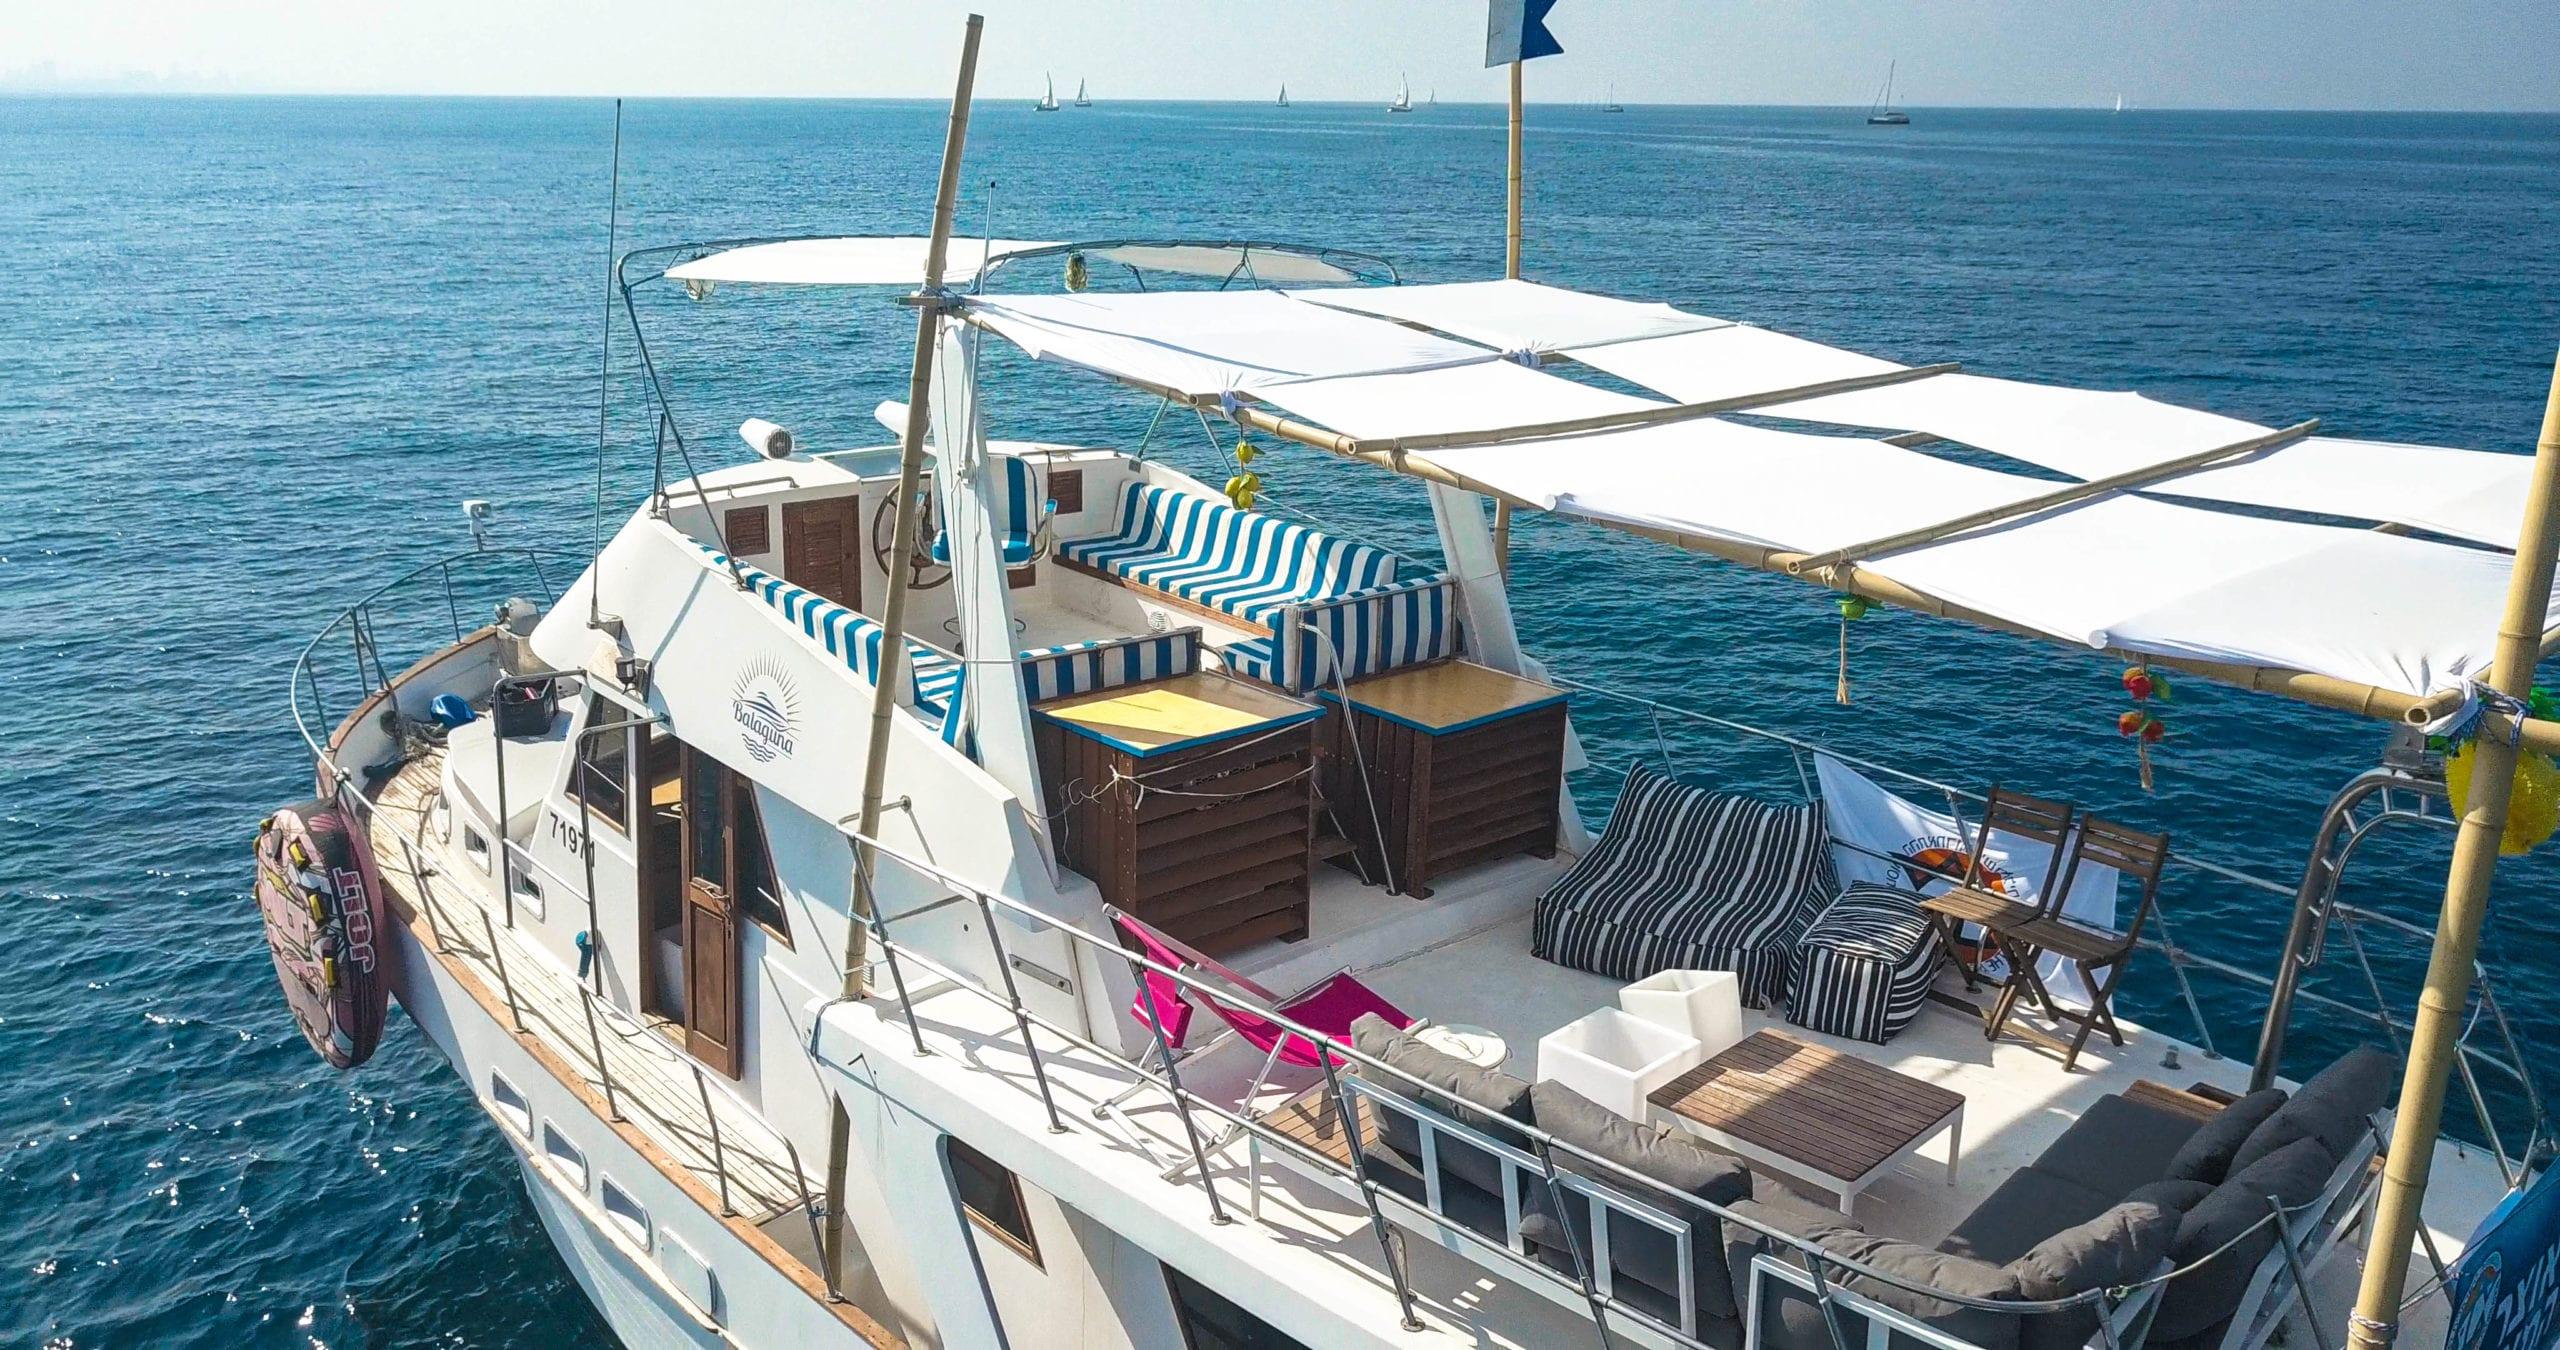 שייט זוגי בהרצליה - חלום רומנטי על הים